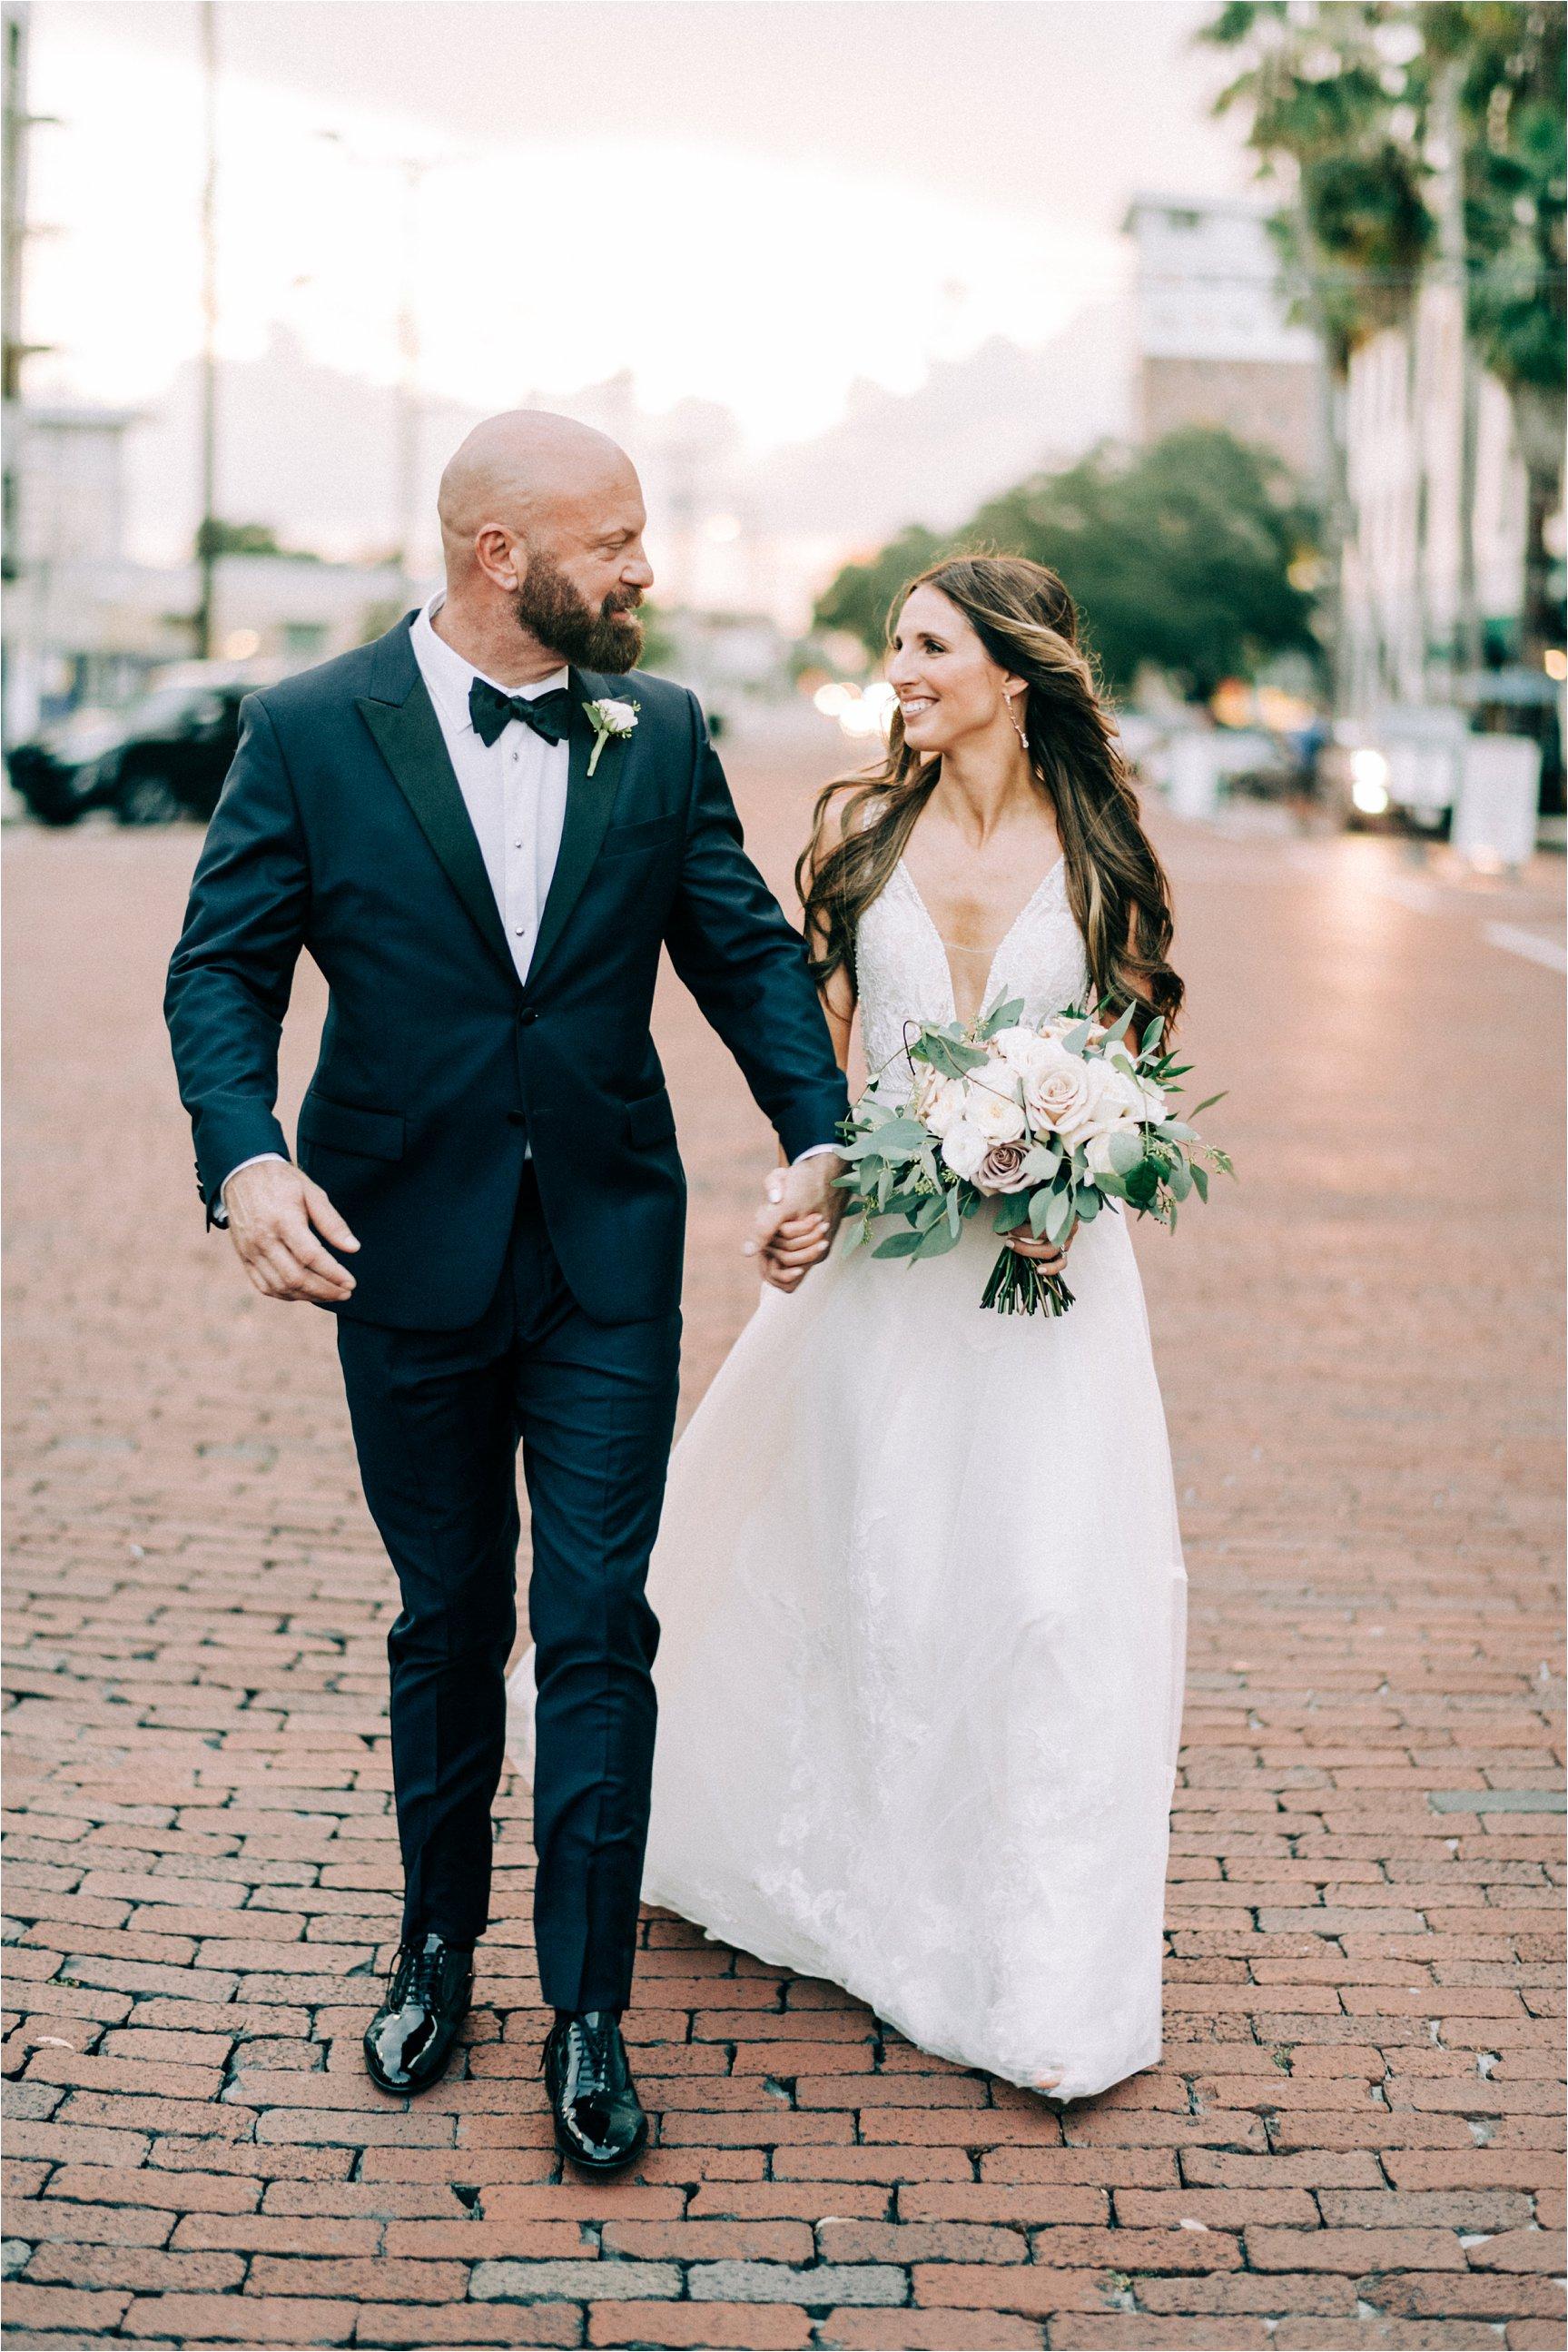 Oxford_Exchange_Wedding_Tampa156.JPG